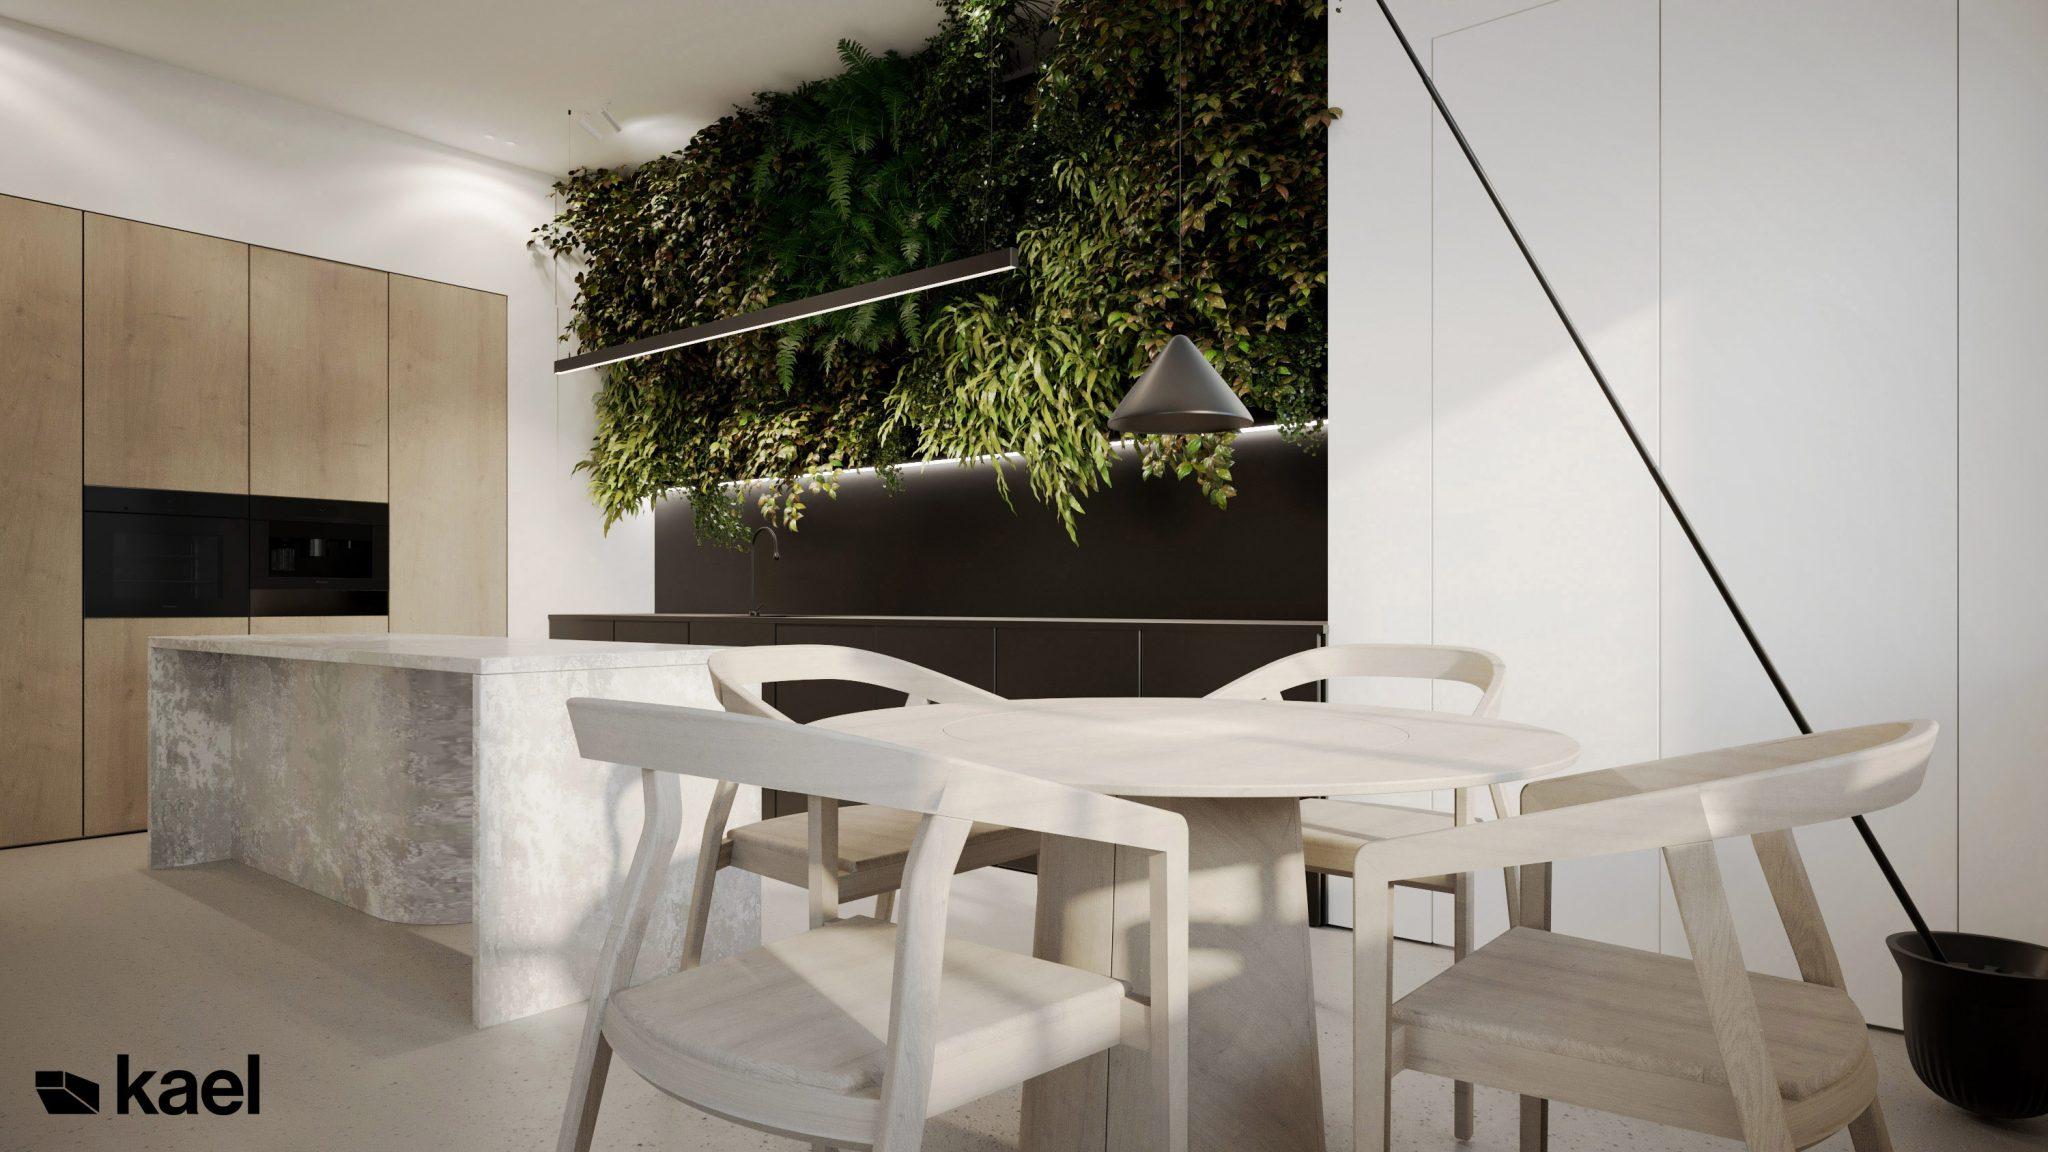 Jadalnia - Palestera - projekt wnętrza Kael